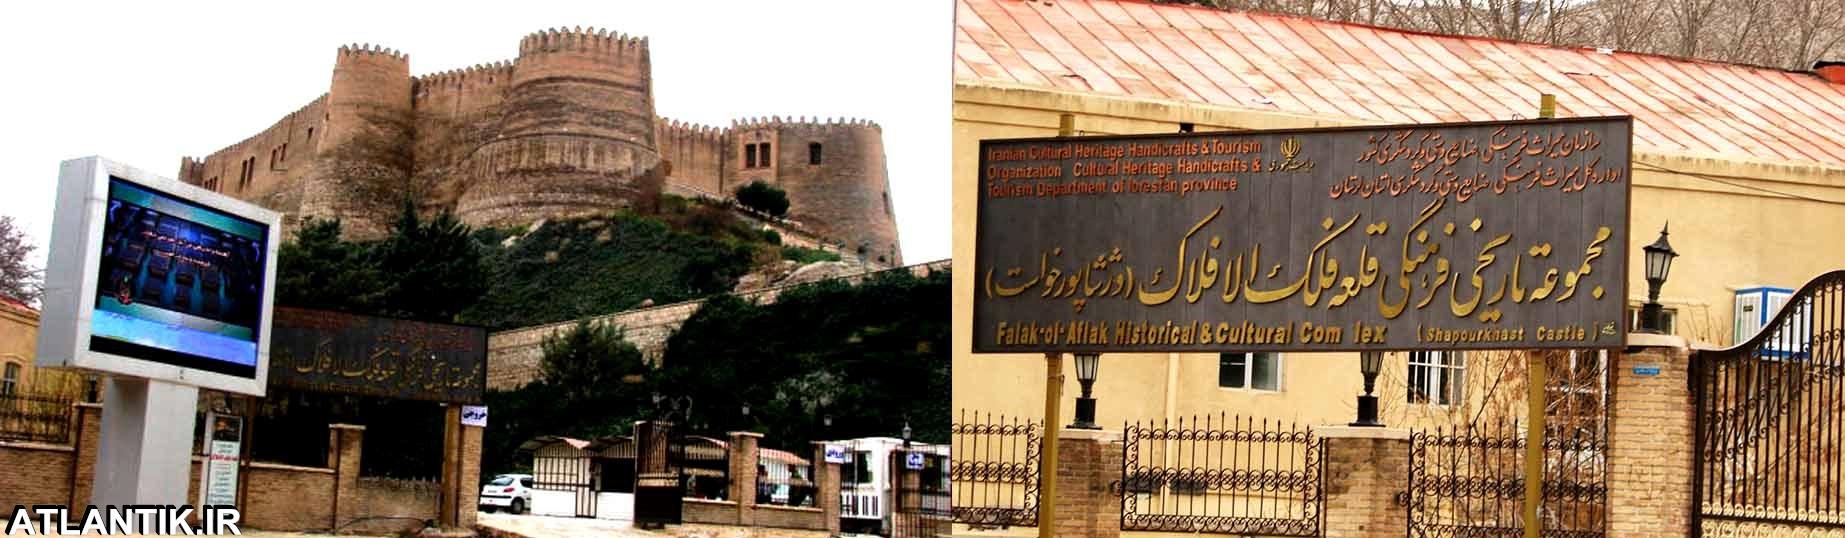 قلعه باستانی فلک الافلاک، شهر خرم آباد، موزه مردم شناسی لرستان، سایت گردشگری آتلانتیک